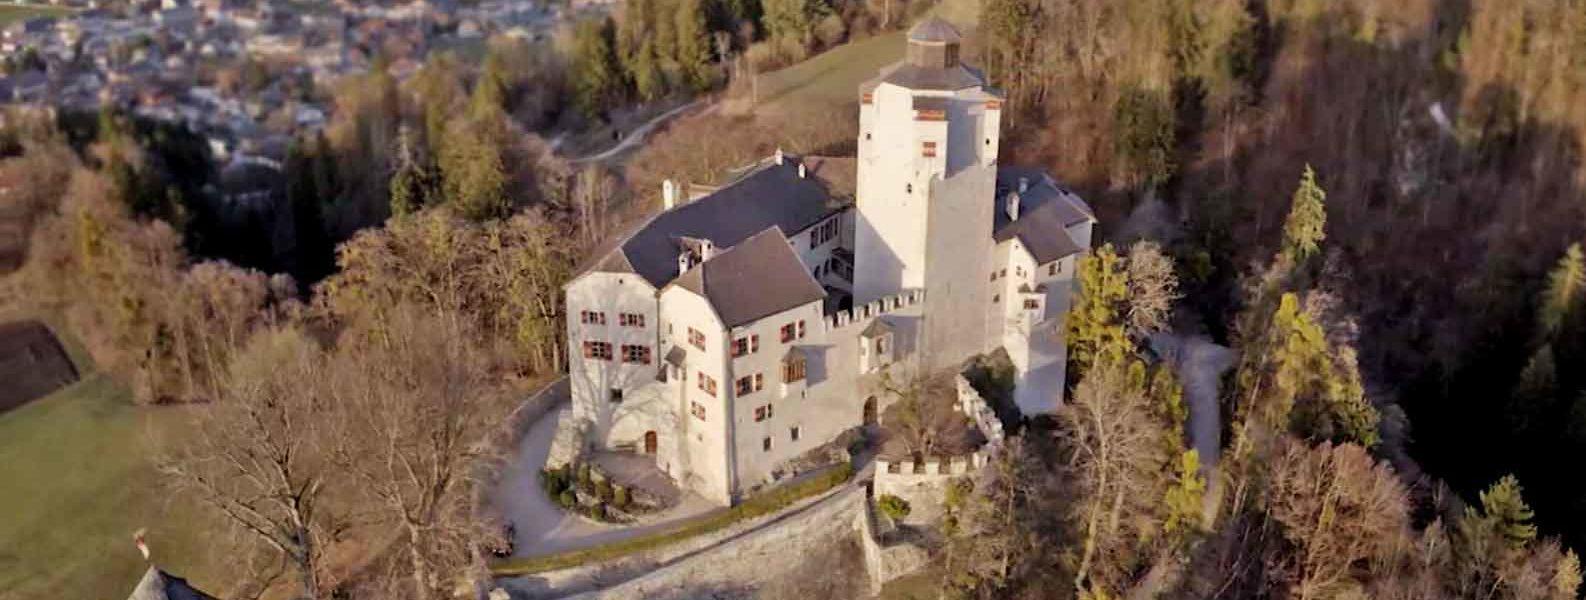 Schloss Friedberg Volders | Baumeister Kuen Innsbruck